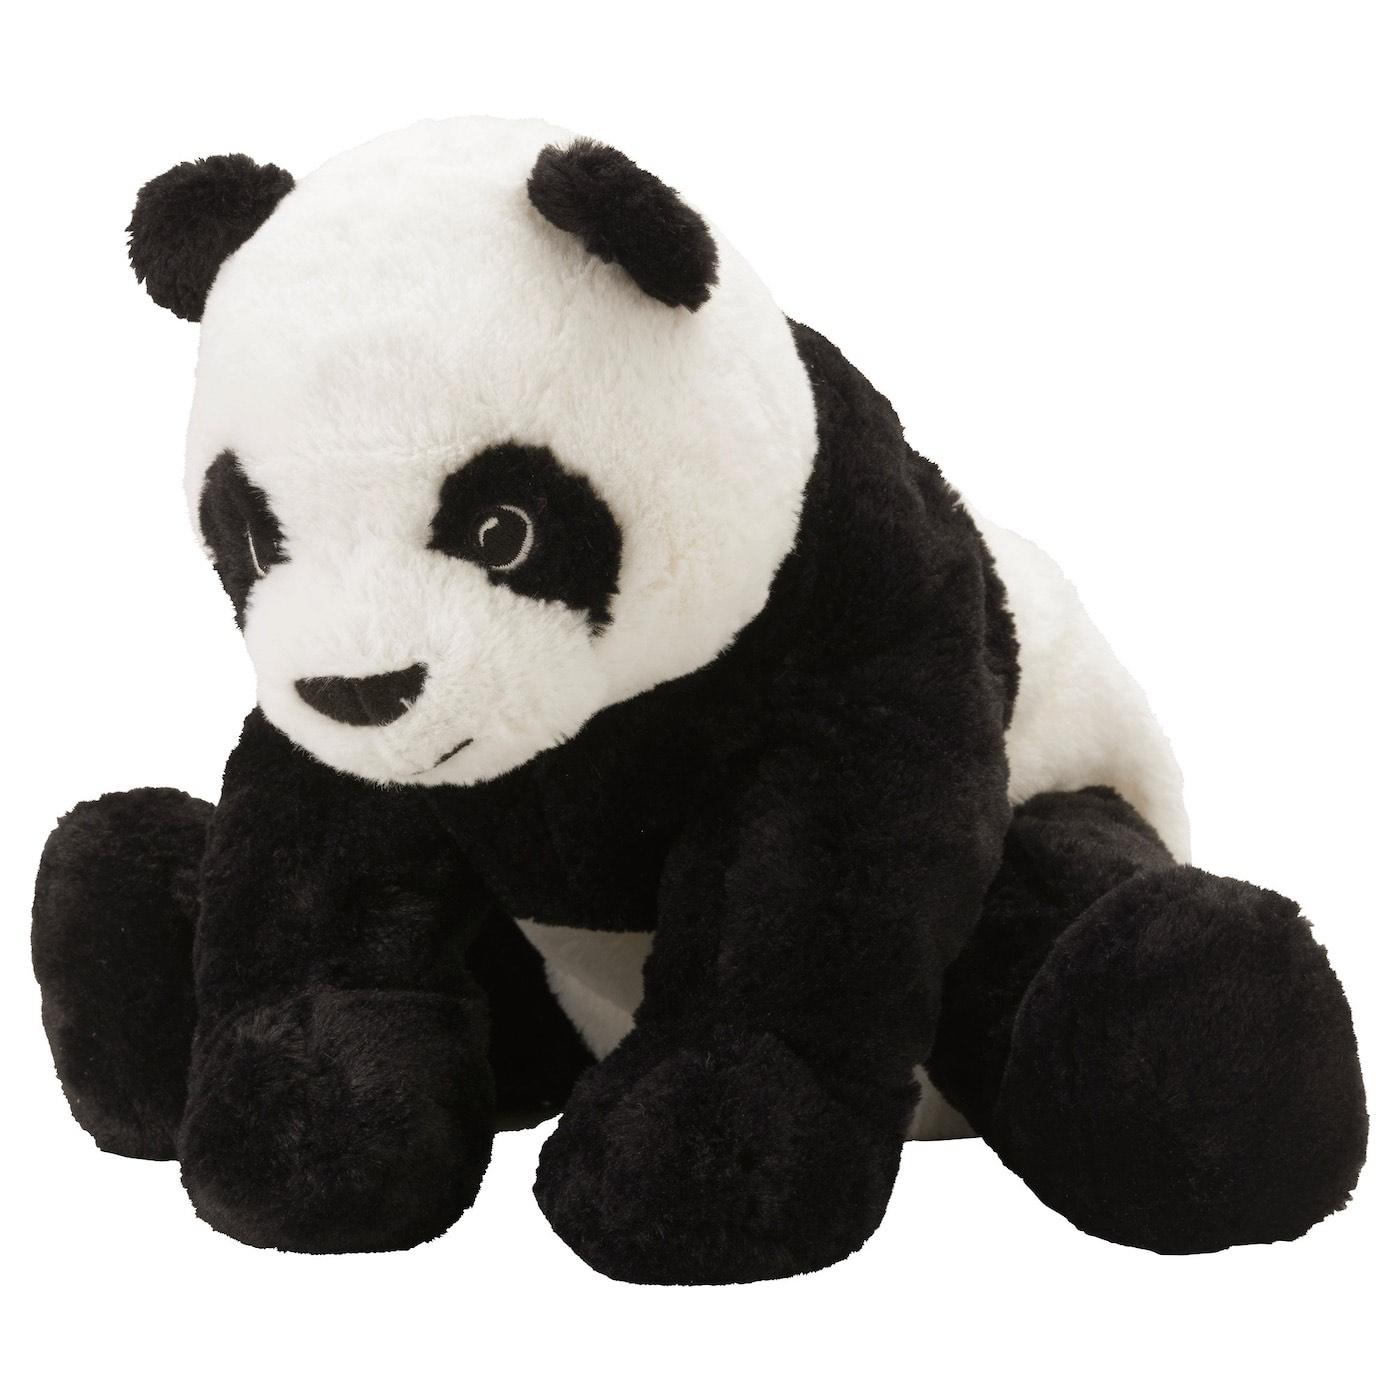 Pluszowa panda KRAMIG za 14.99. Ikea